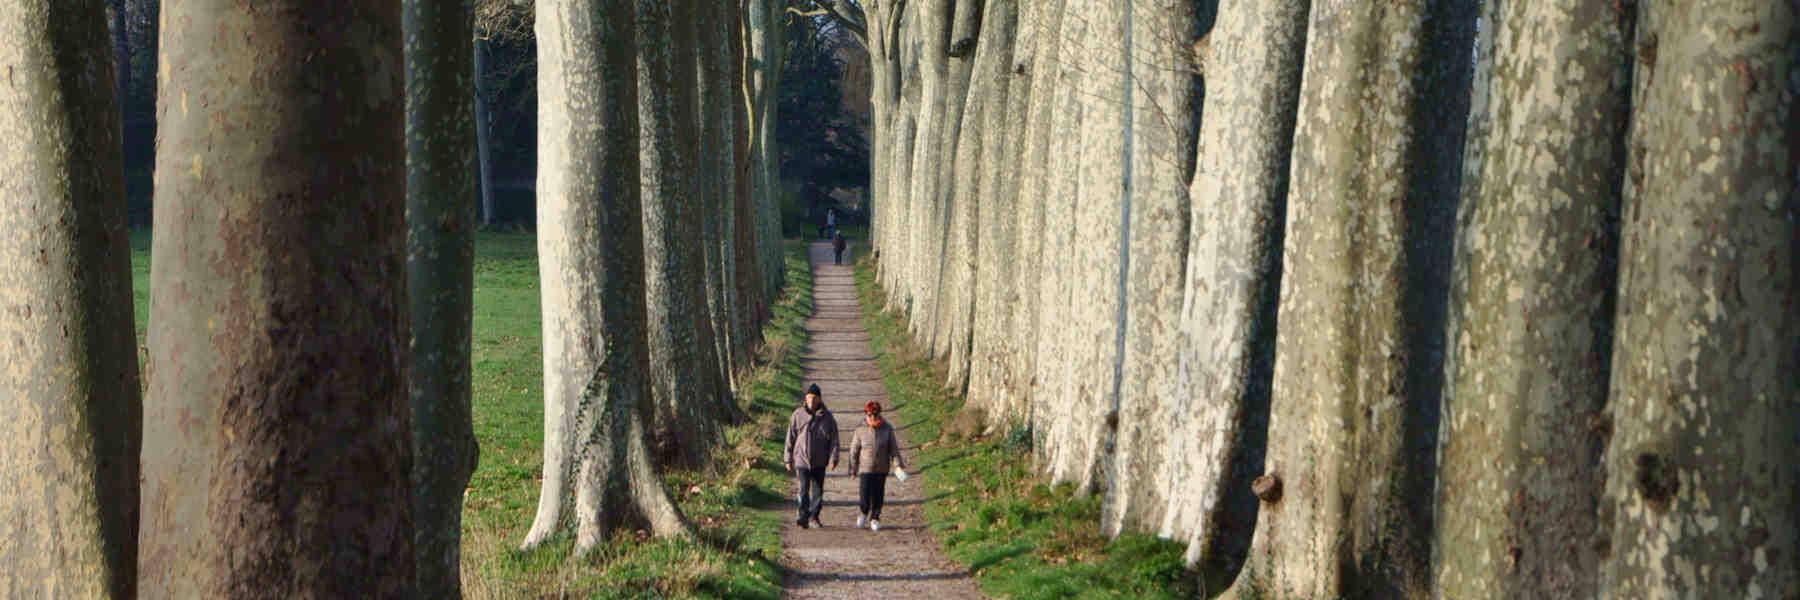 La randonnée pédestre à Avignonet-Lauragais